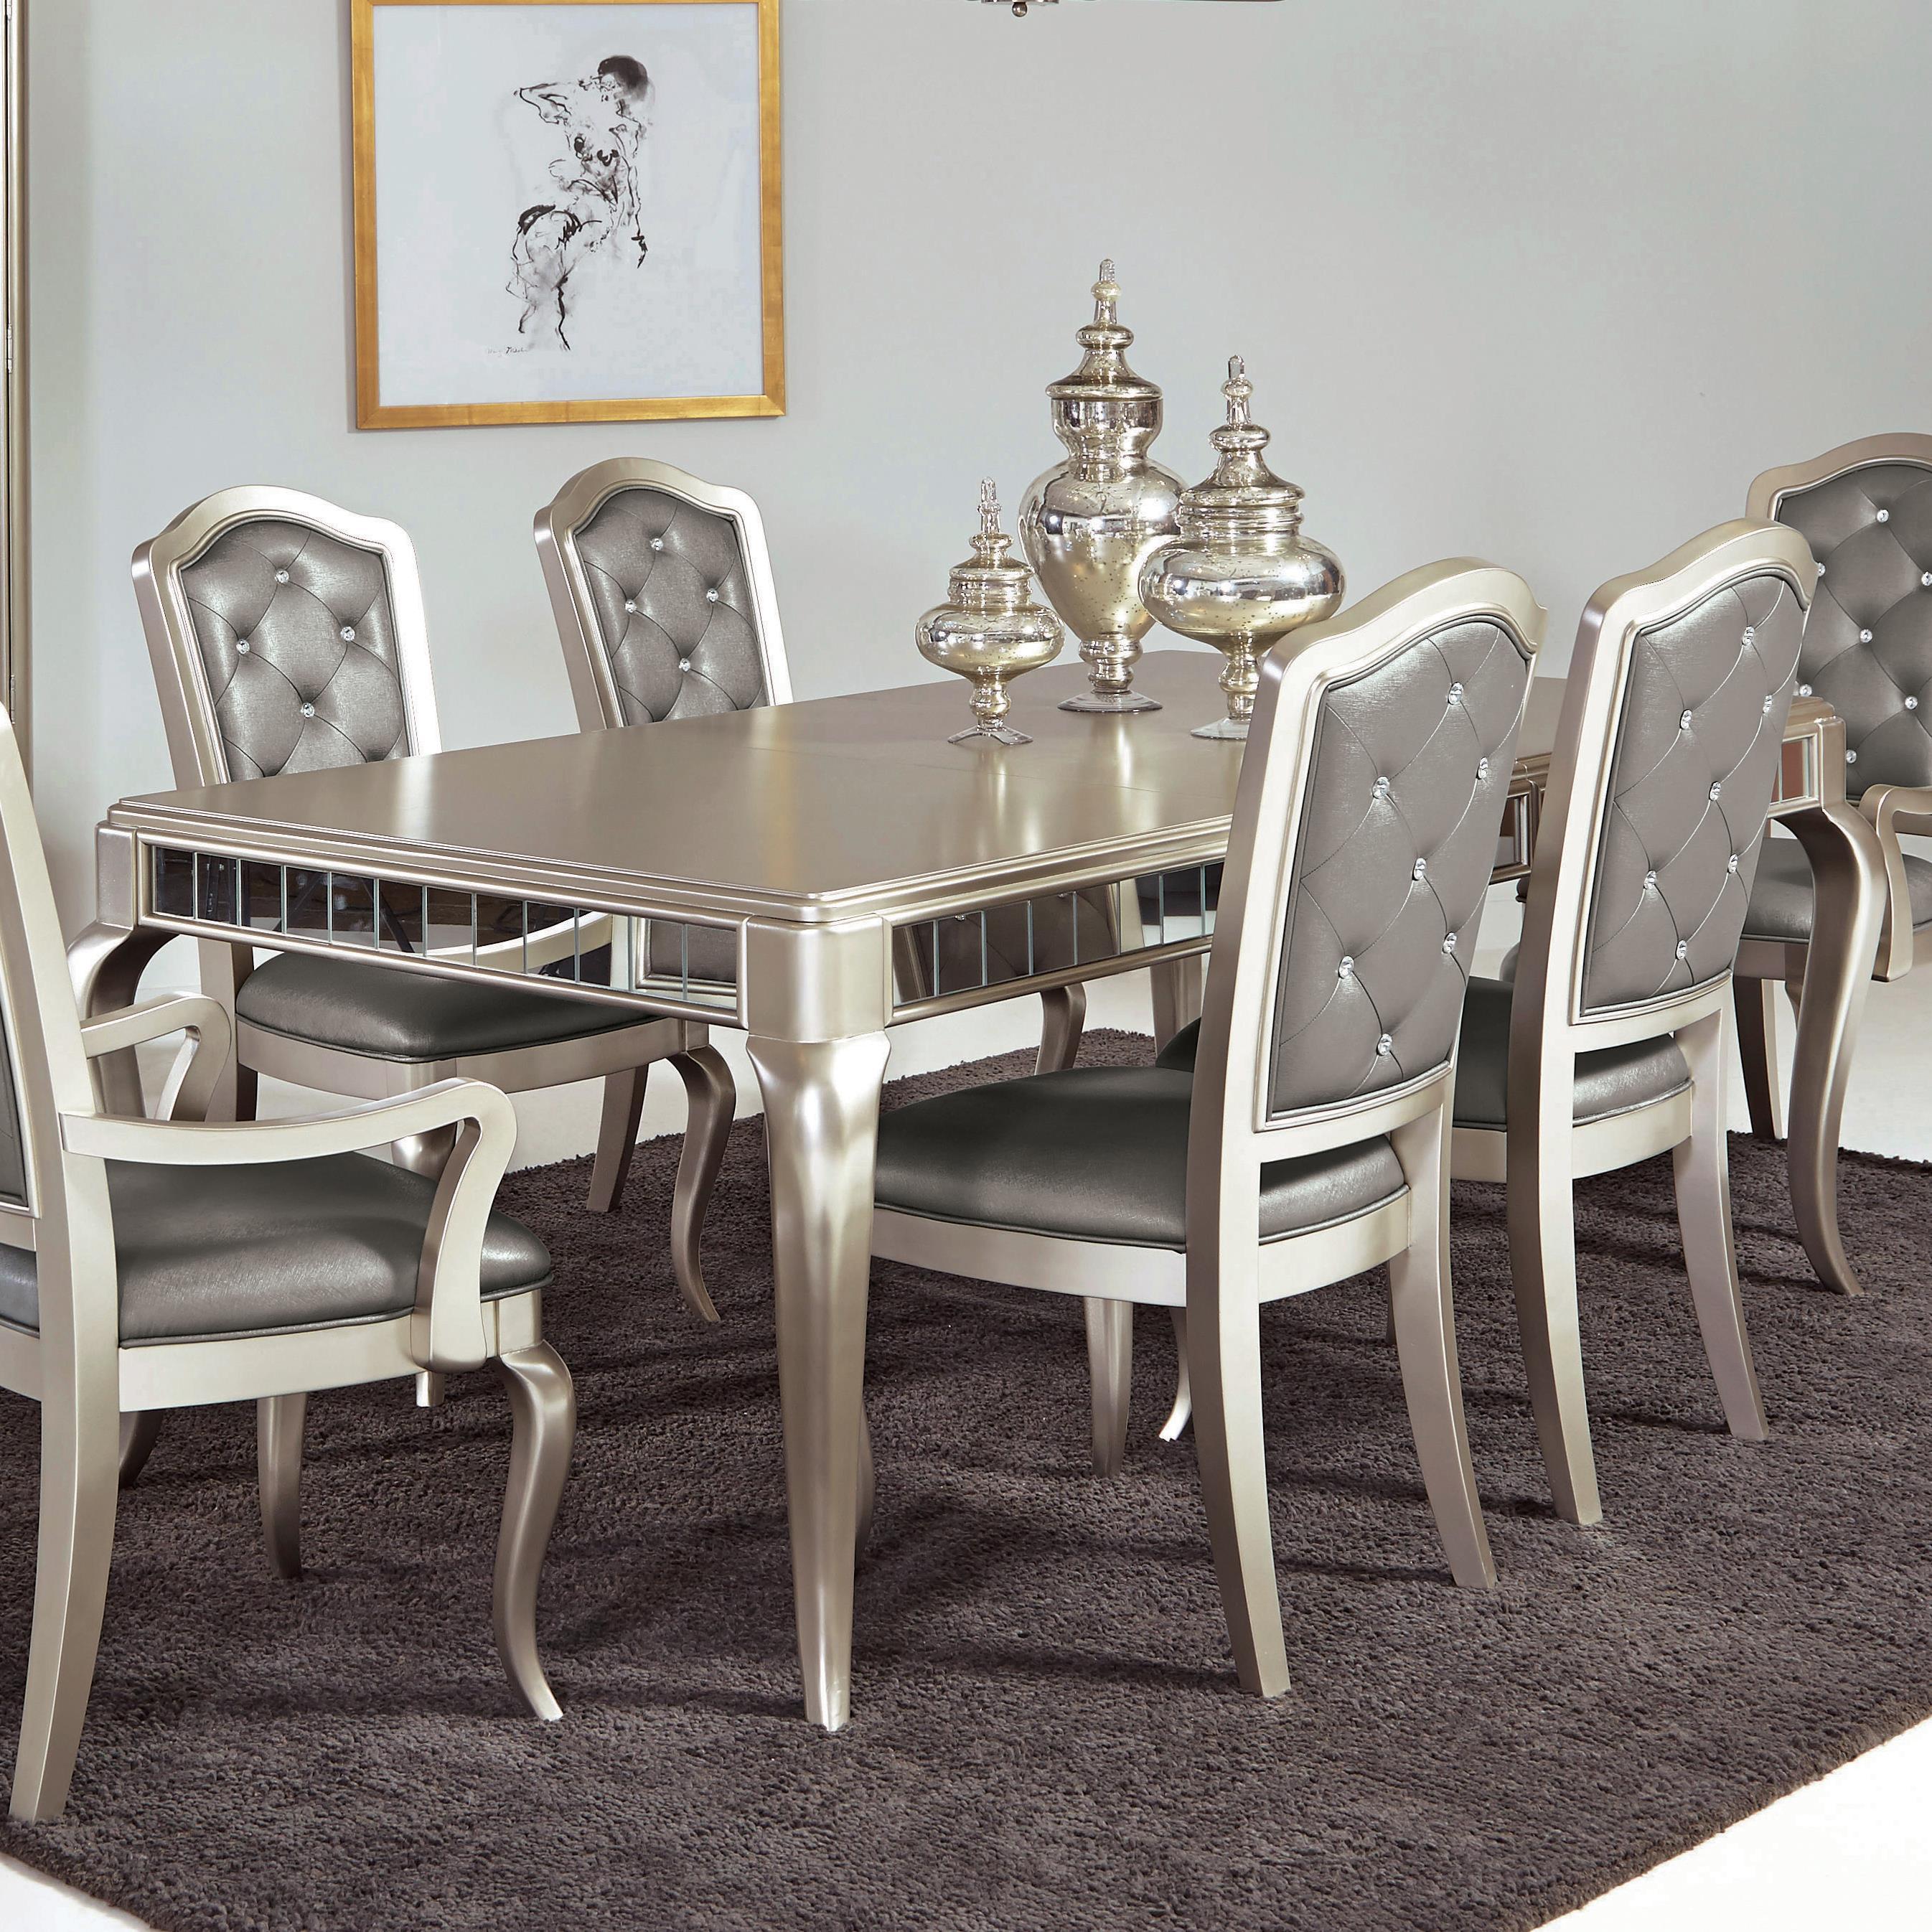 Marvelous Samuel Lawrence Diva Rectangular Leg Table W/ Mirrored Edging